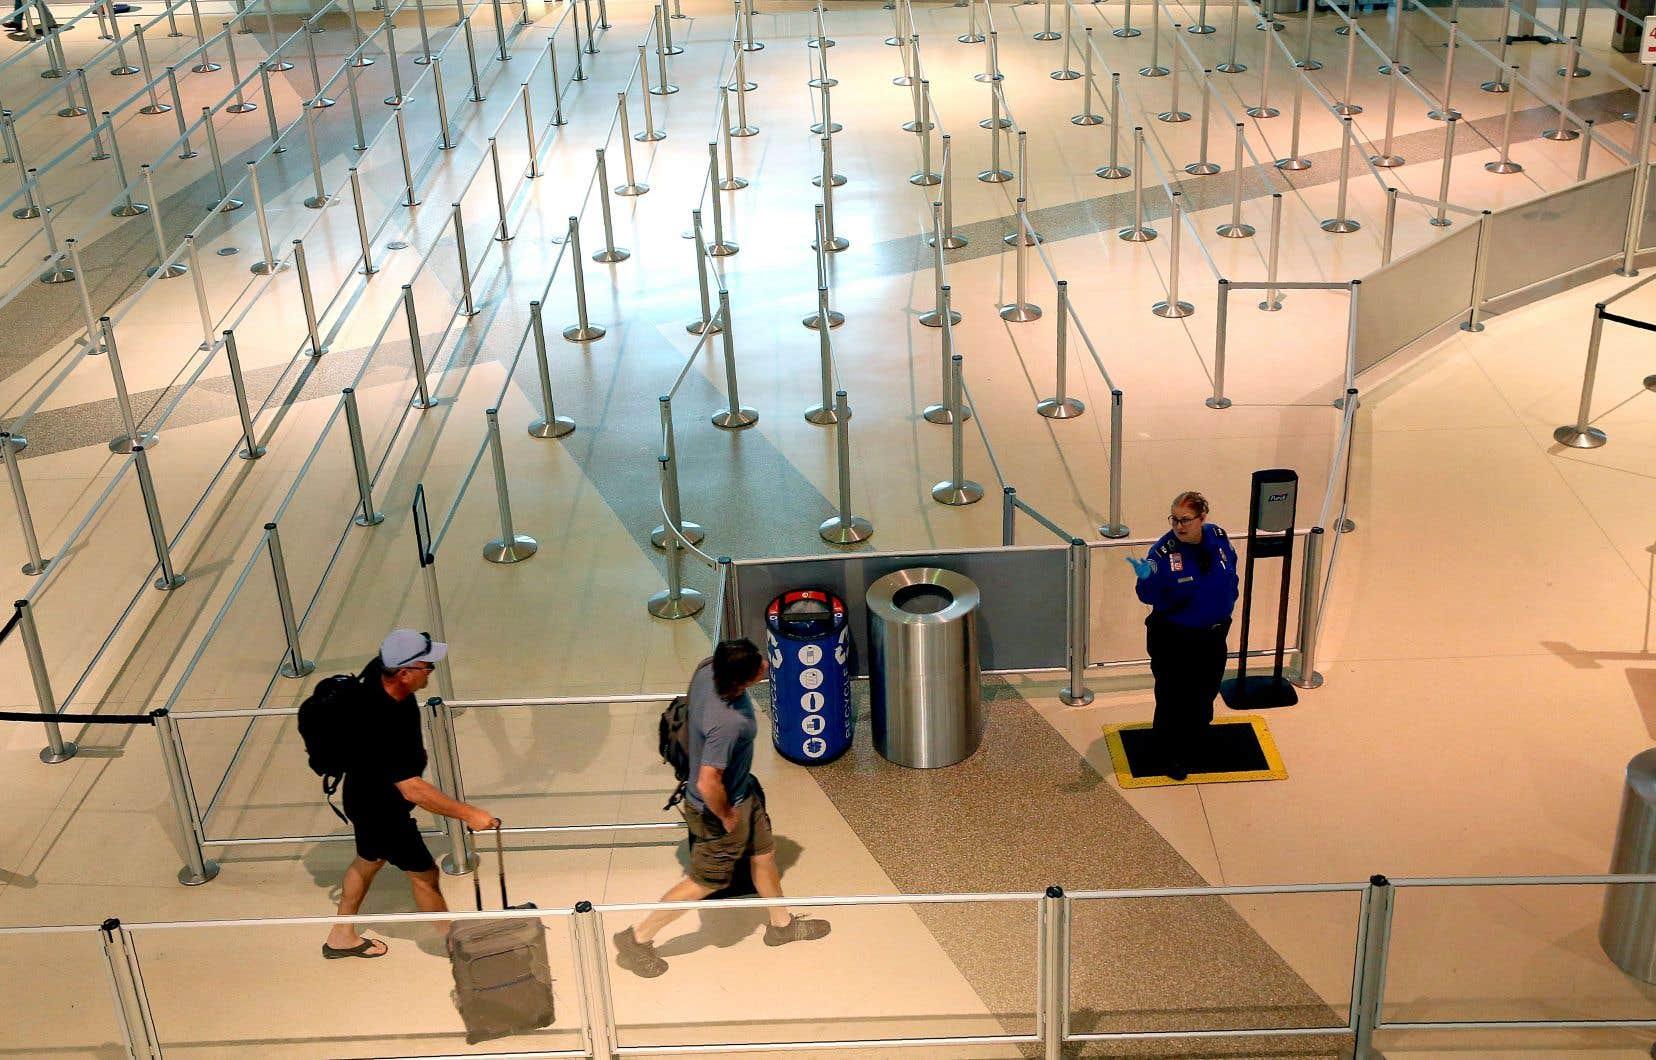 Avec plusieurs pays, dont les États-Unis, qui imposent des restrictions aux voyageurs, l'industrie touristique n'est qu'un des secteurs qui devra se remettre de la pandémie de COVID-19.